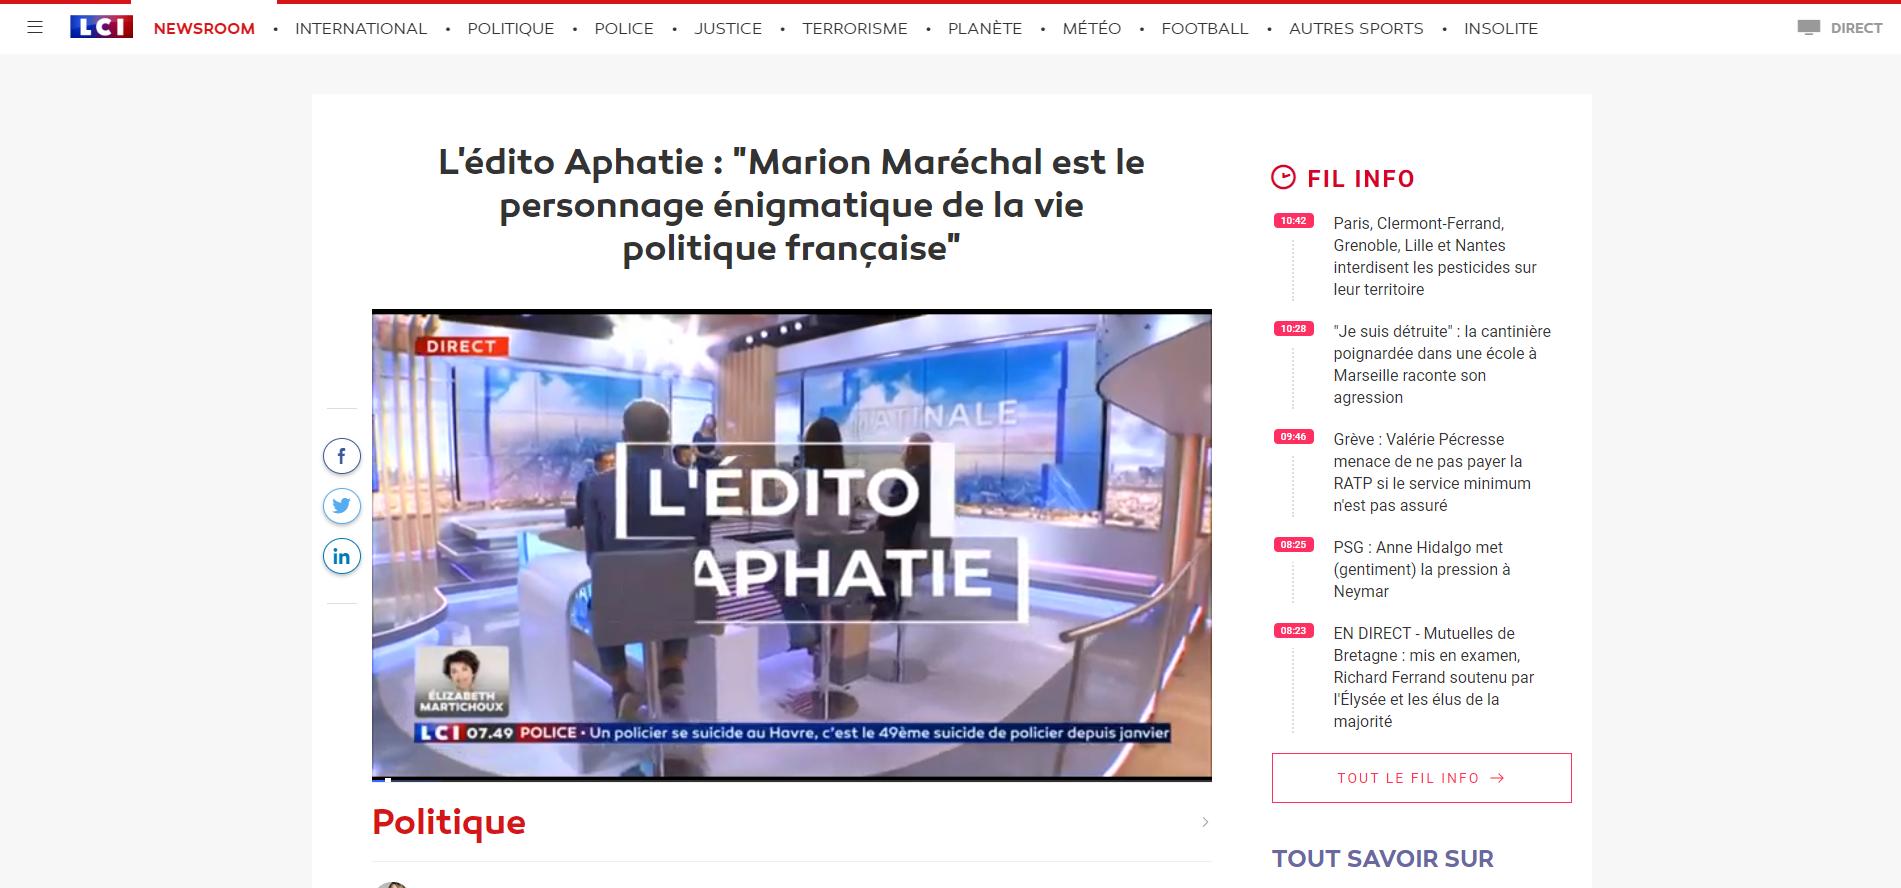 2019-09-12 11_04_54-L'édito Aphatie _ _Marion Maréchal est le personnage énigmatique de la vie polit